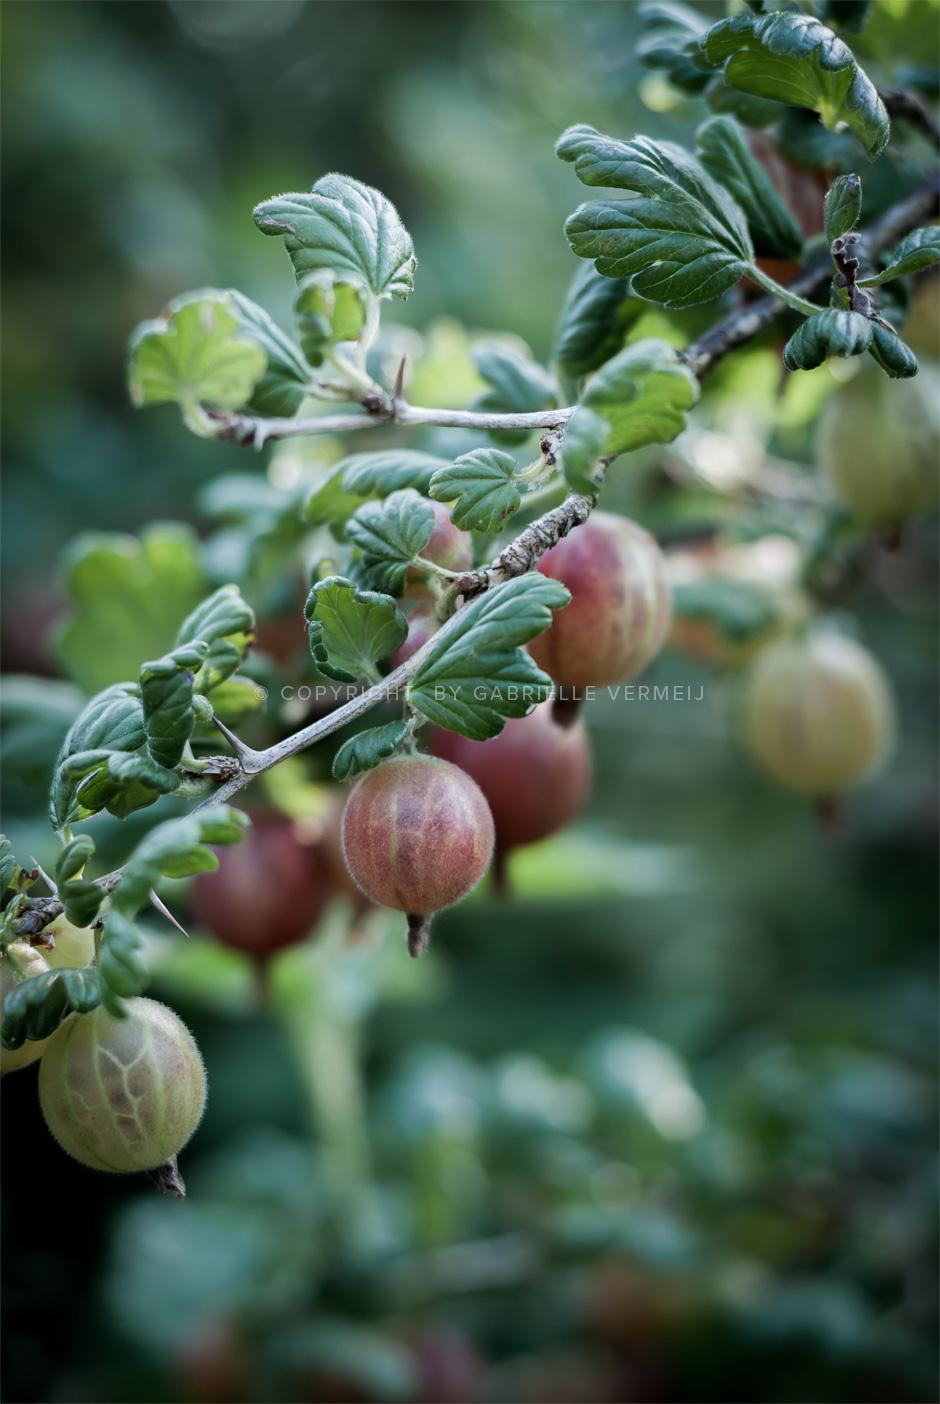 Fresh gooseberries on a branch by Gabrielle Vermeij